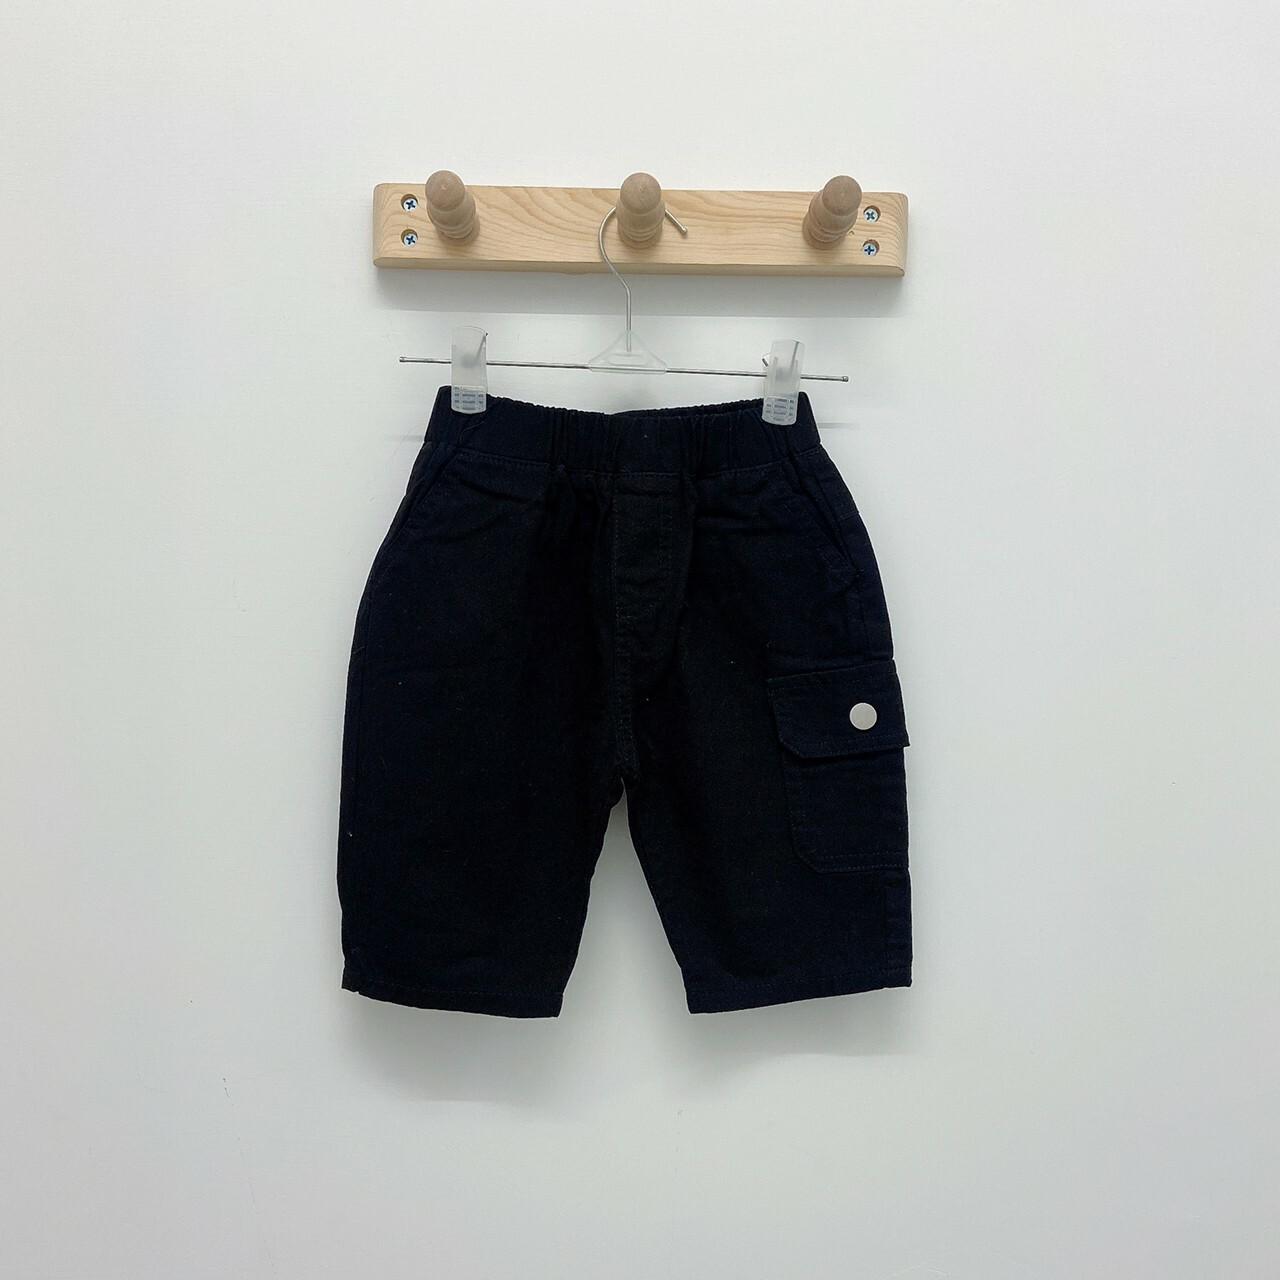 褲裙短 五~七分褲_210803_22.jpg